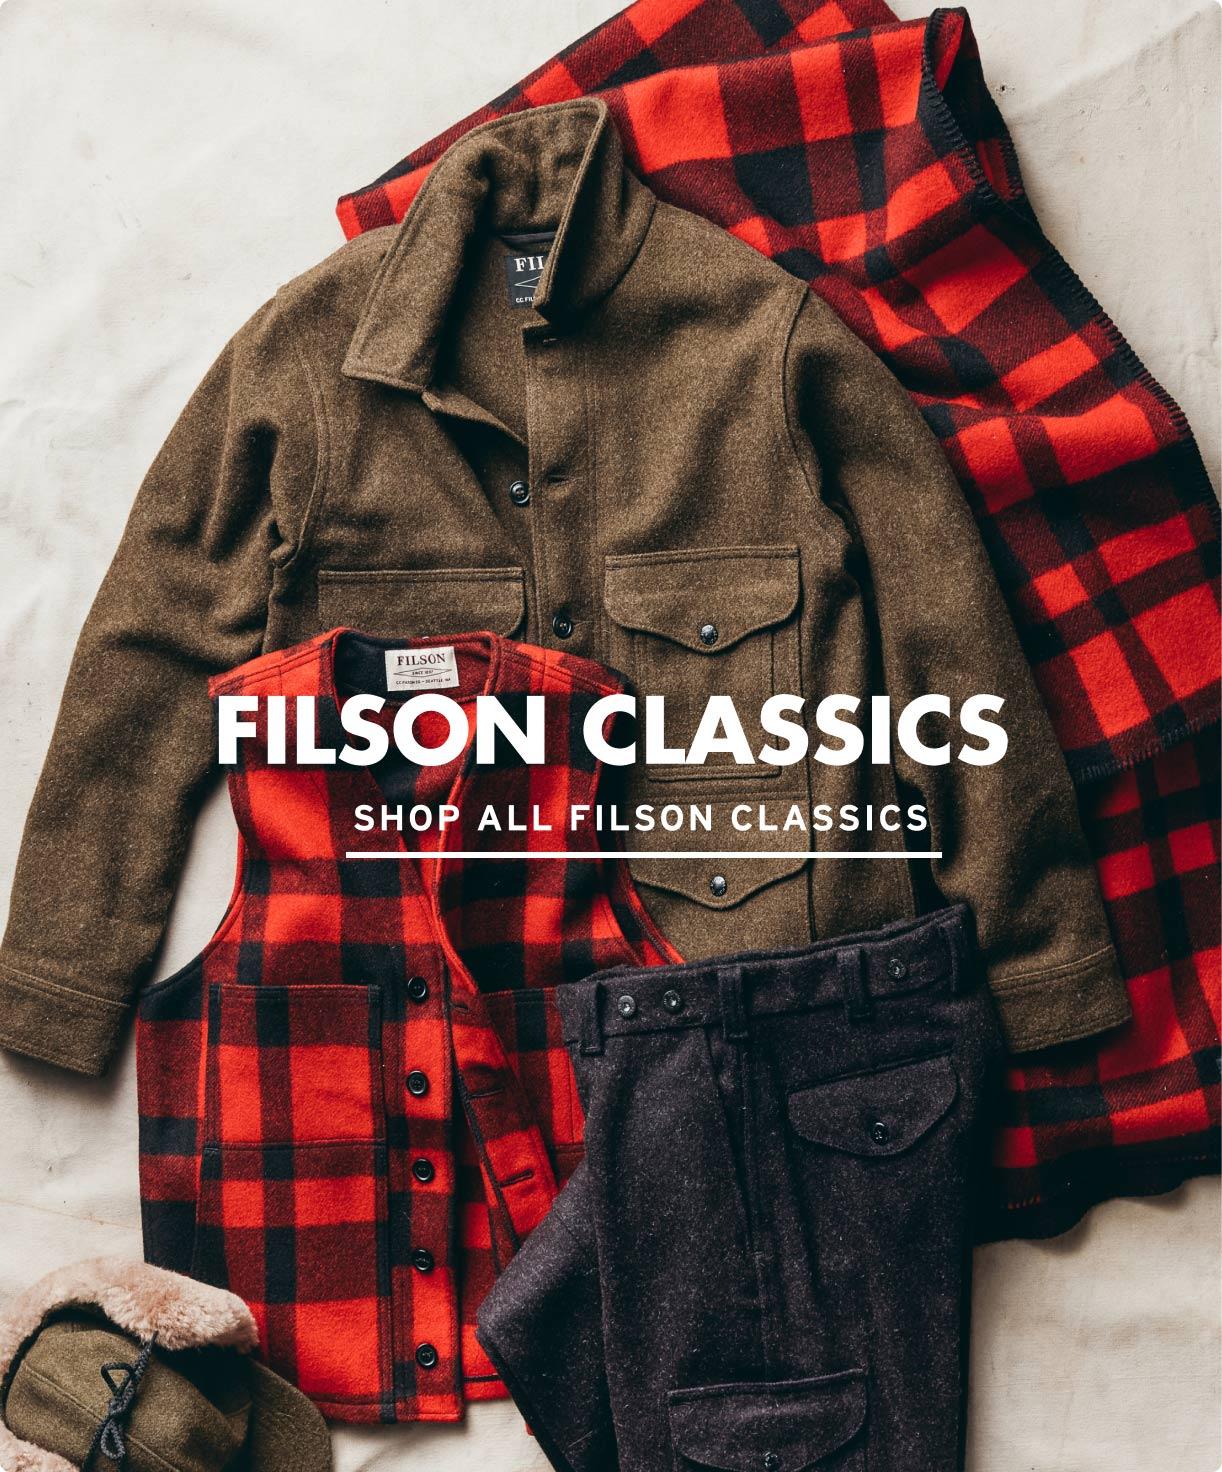 SHOP FILSON CLASSICS